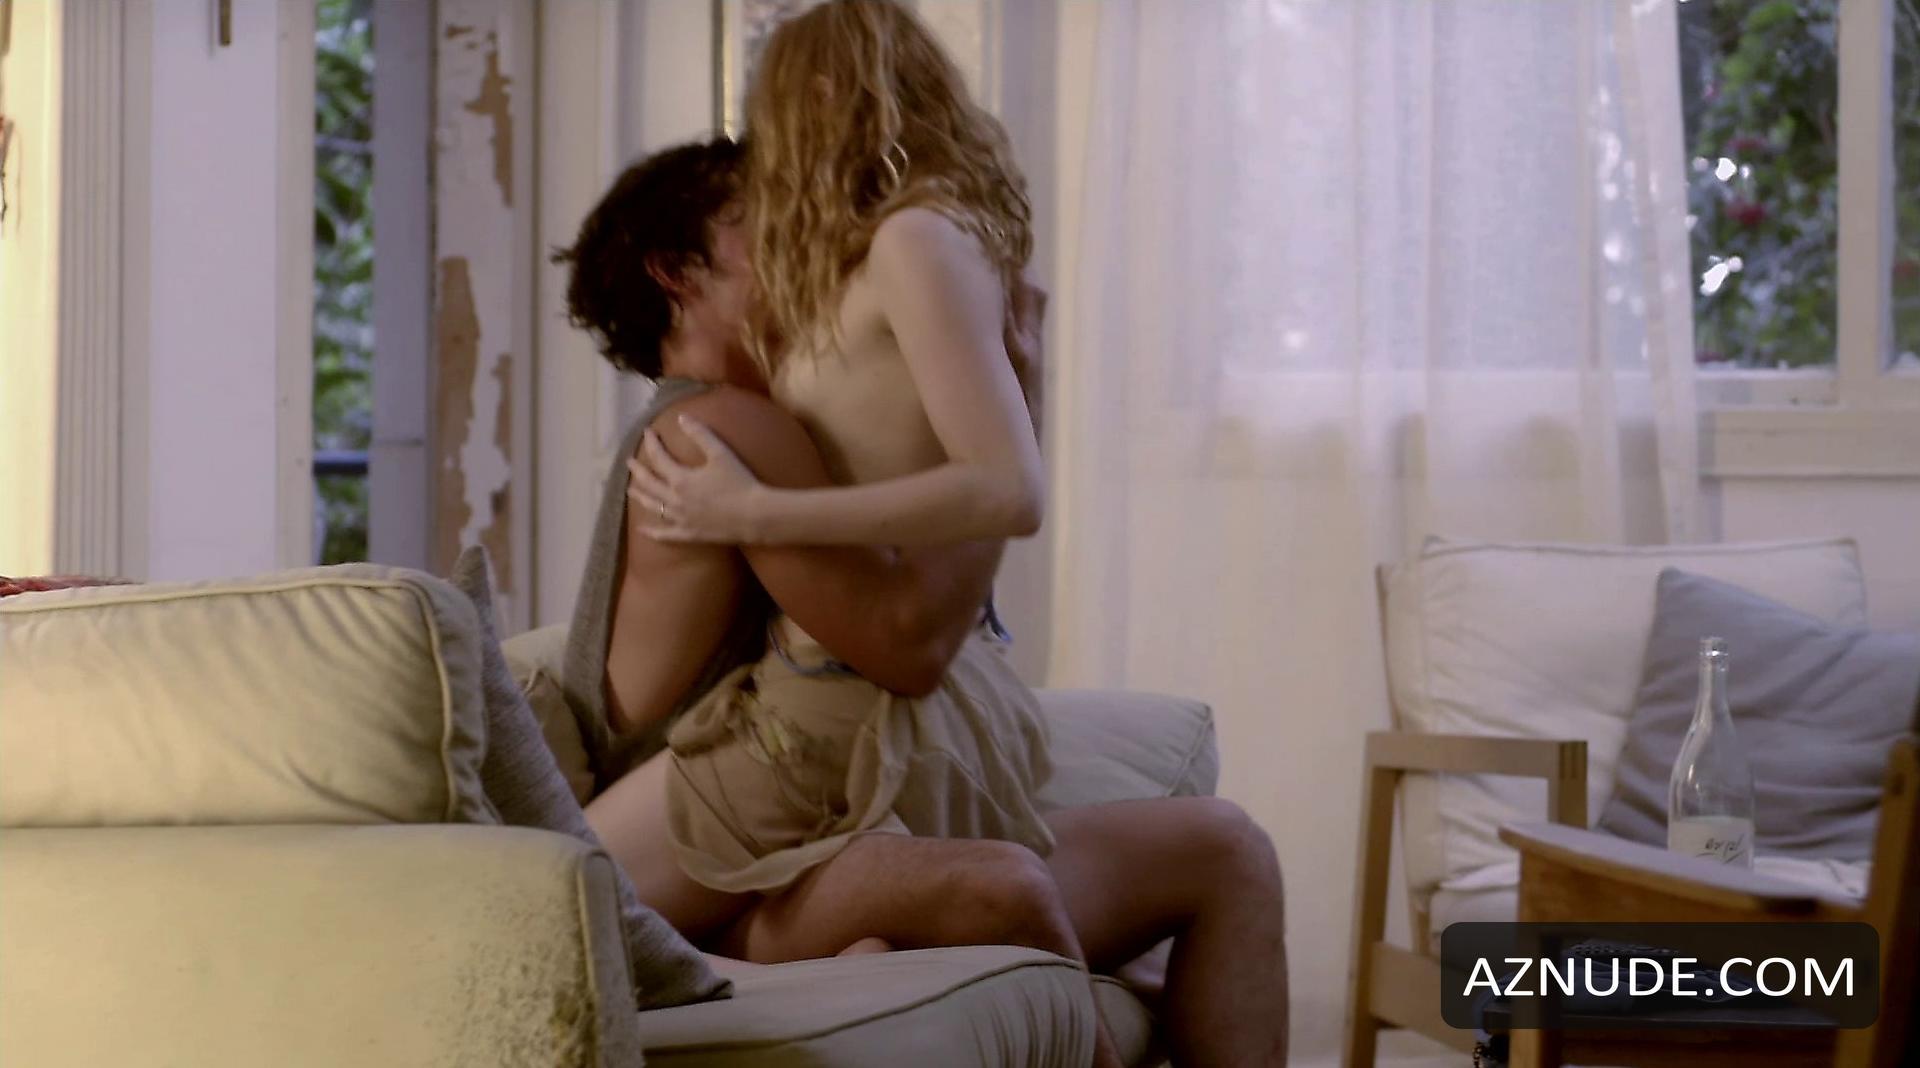 Haley bennett sex scene